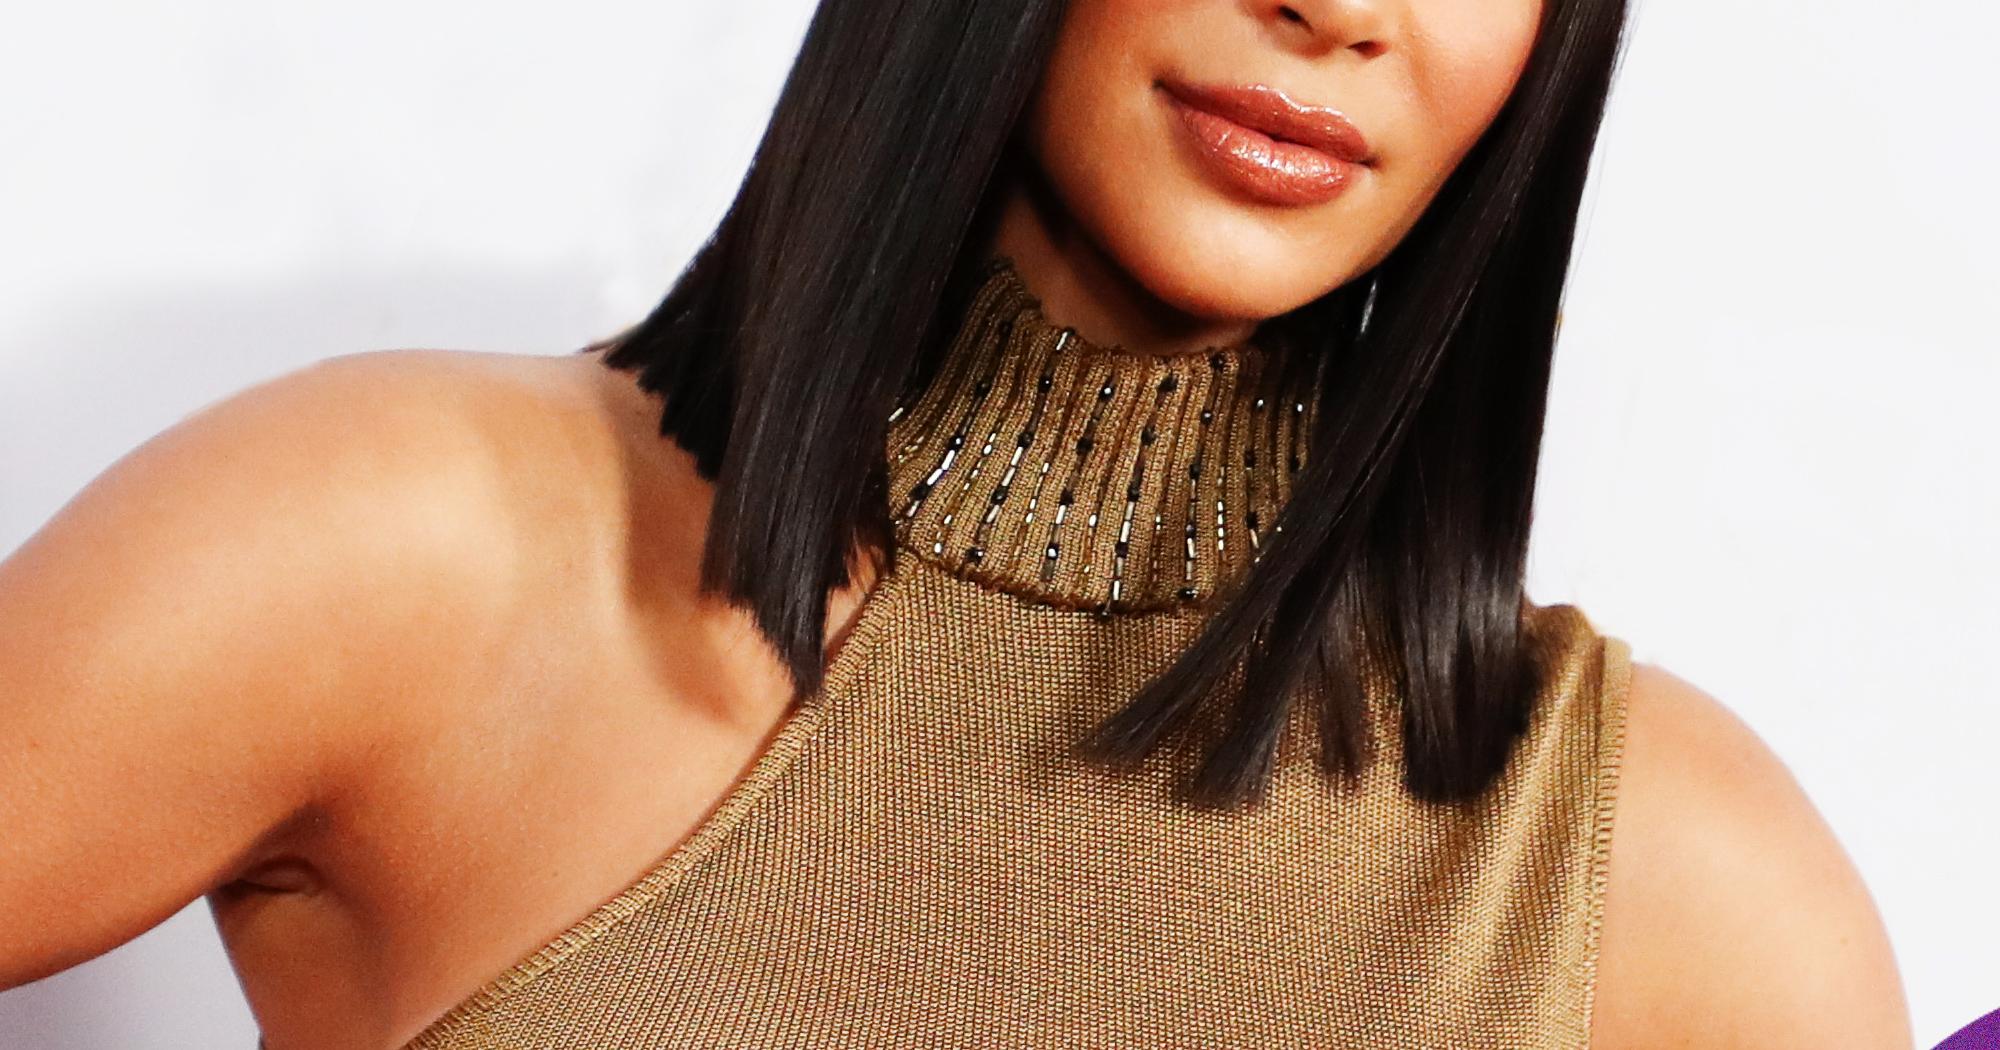 Kim Kardashian KUWTK Slut Shaming Scott Disick Girl